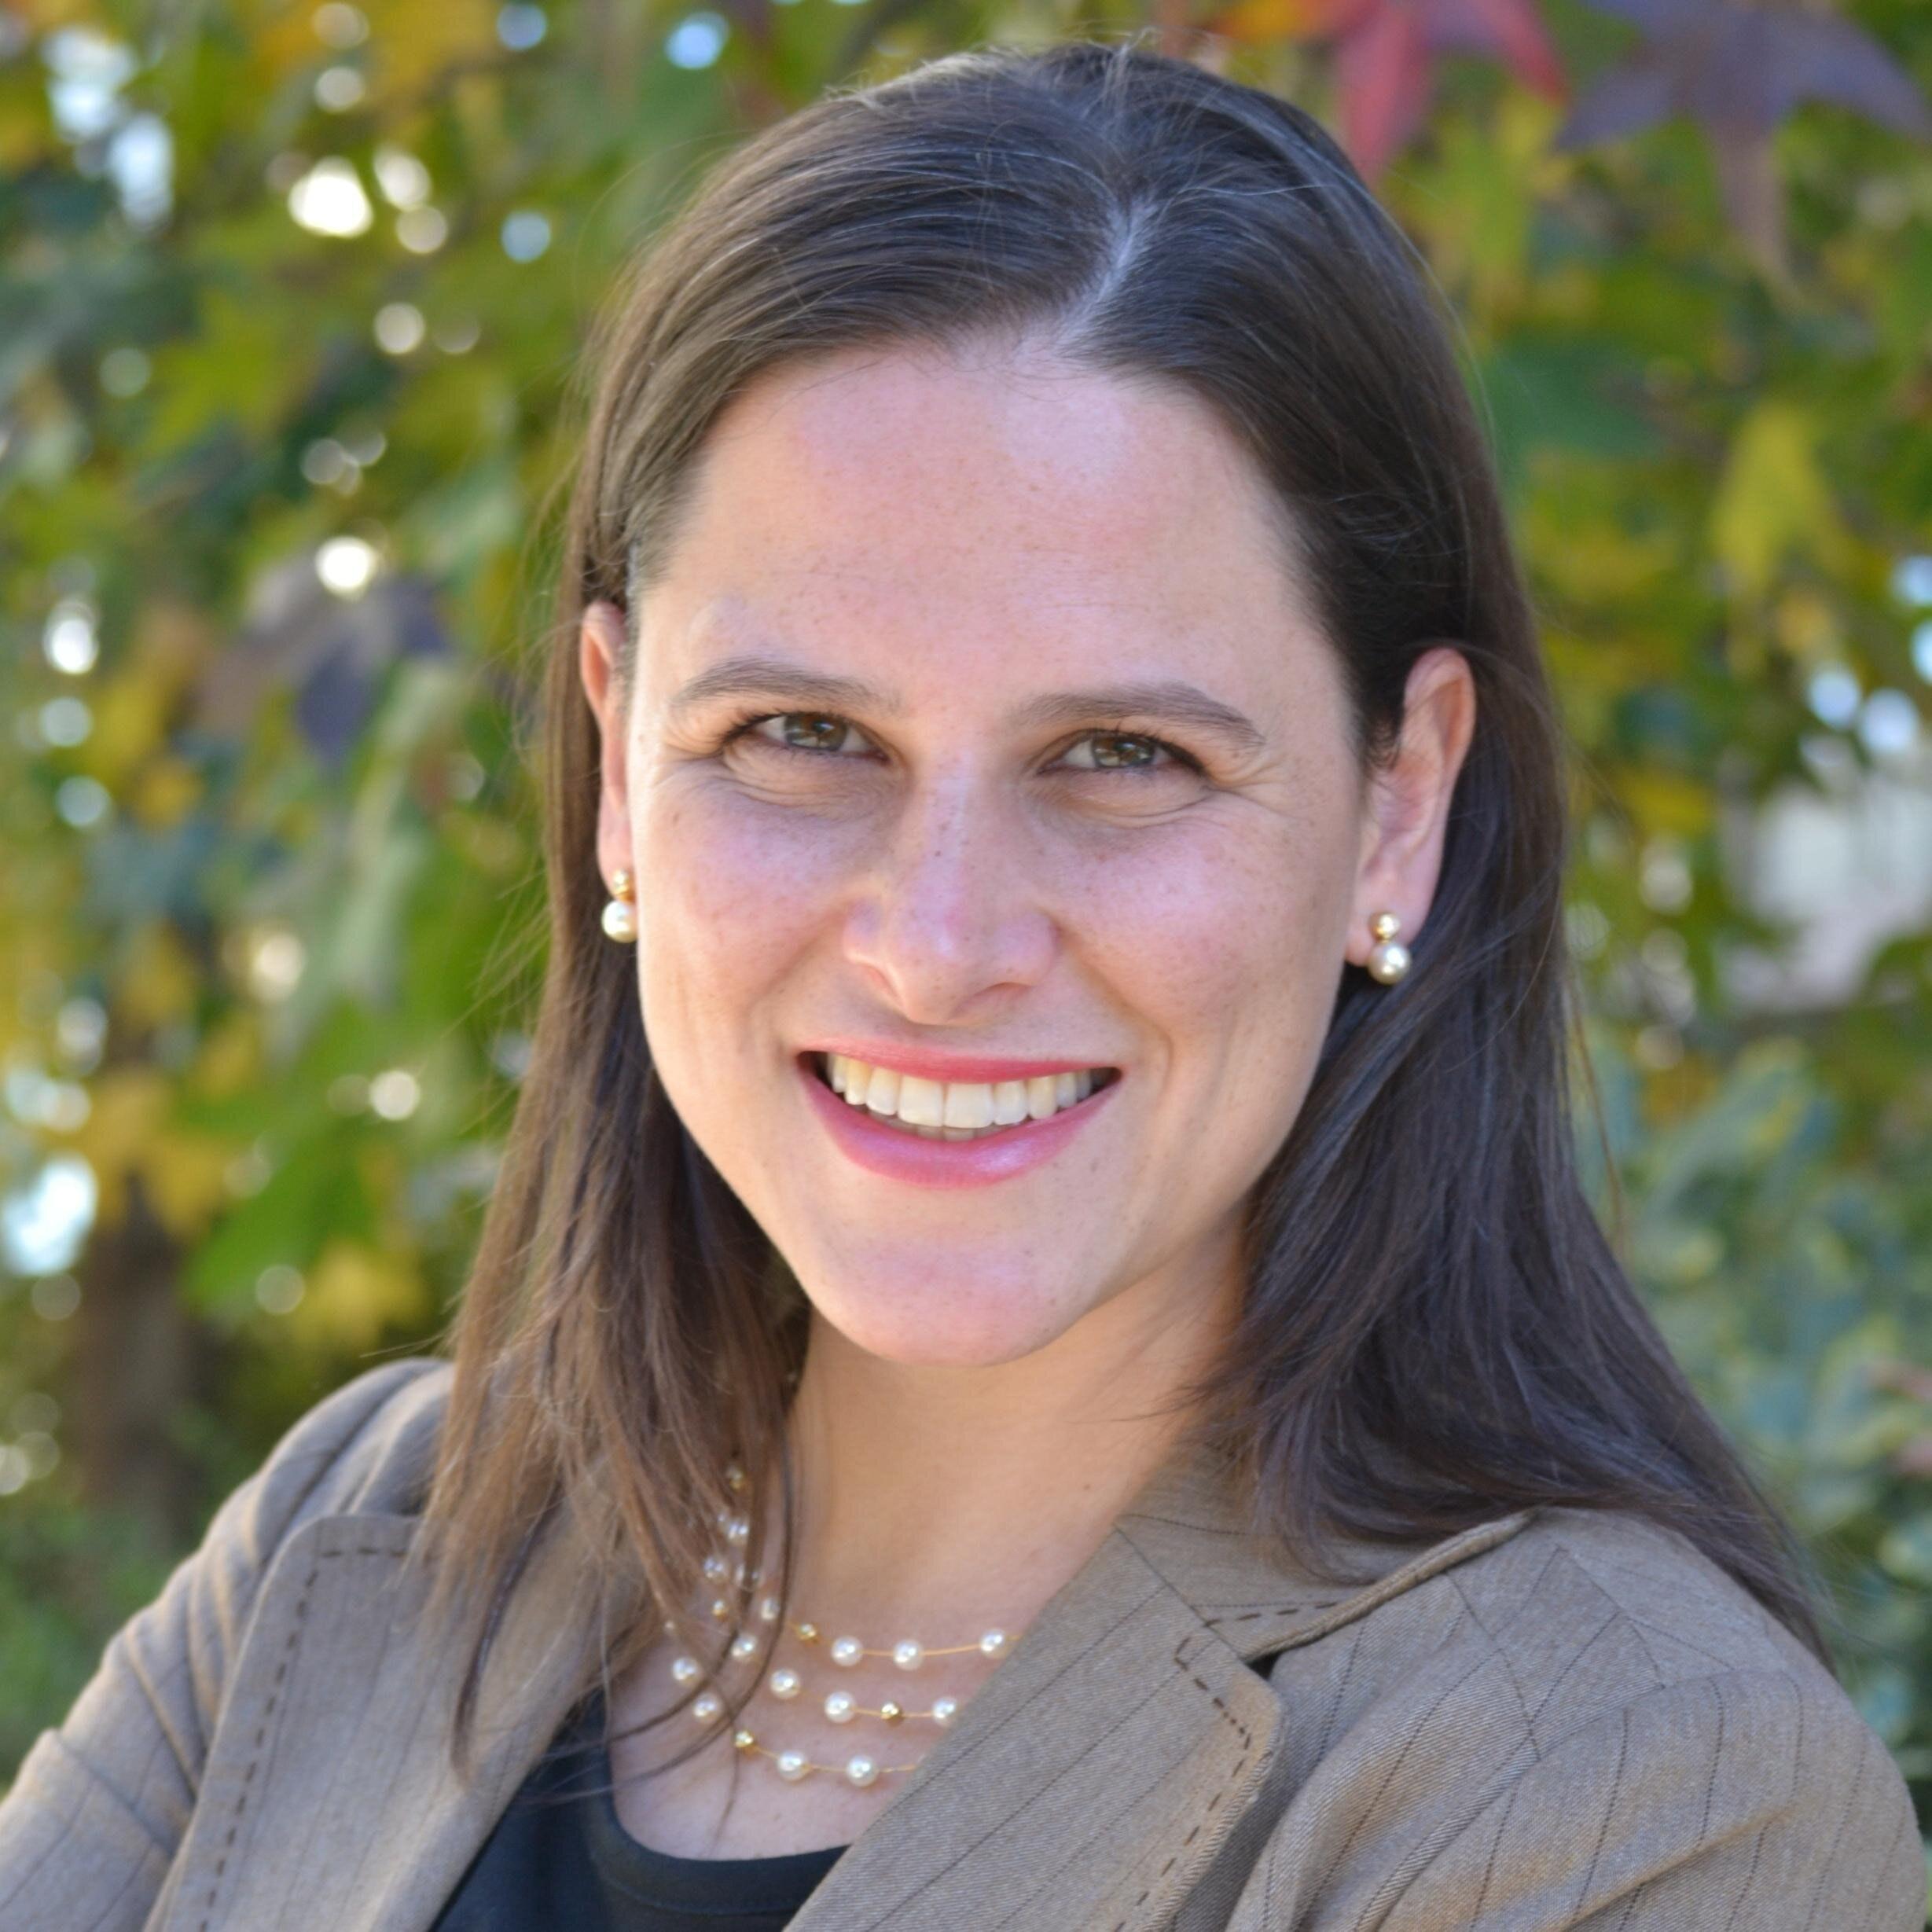 Katherina Kuschel